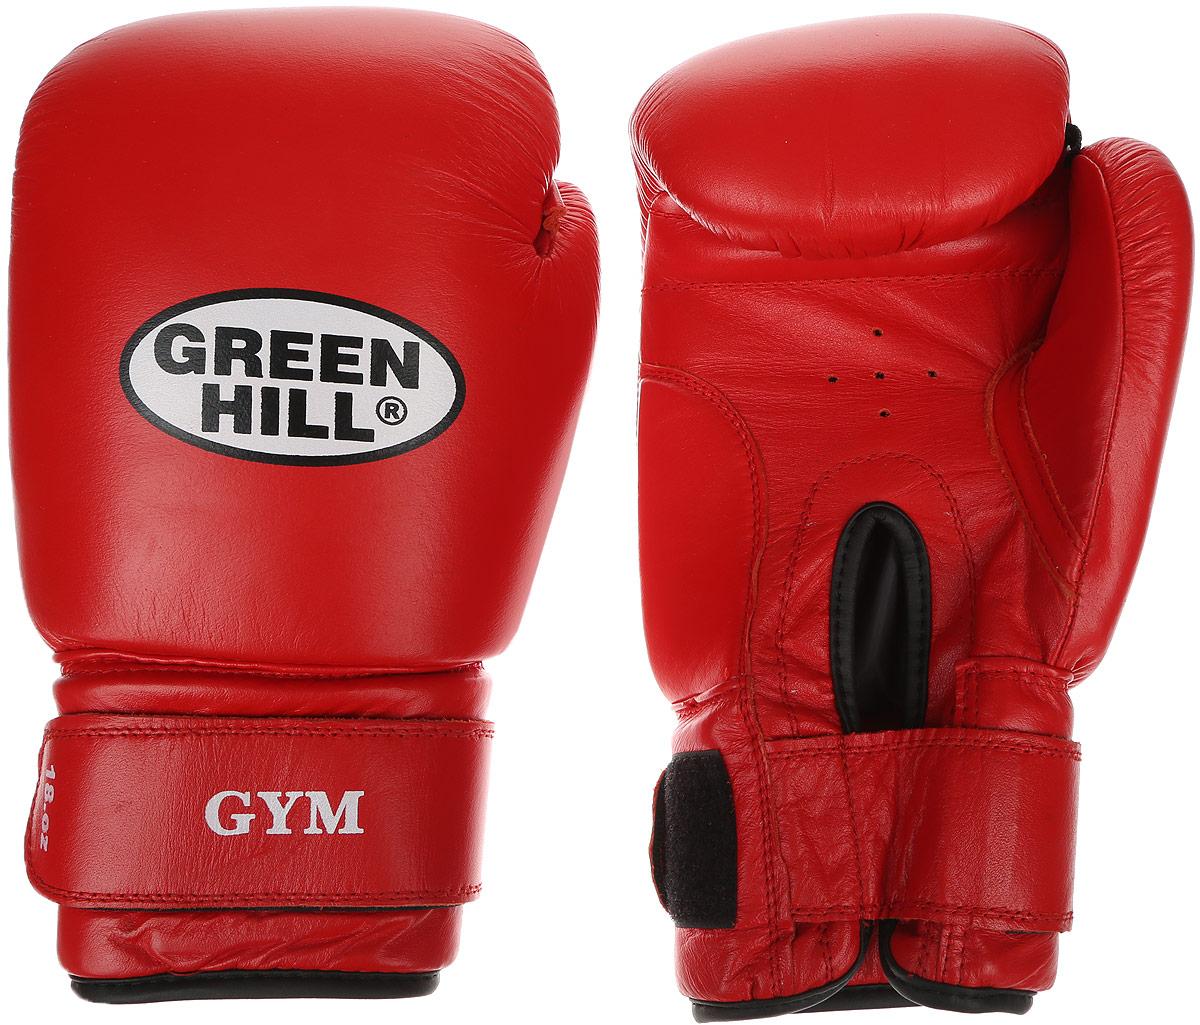 Перчатки боксерские Green Hill Gym, цвет: красный, белый. Вес 16 унцийAIRWHEEL M3-162.8Боксерские перчатки Green Hill Gym подходят для всех видов единоборств где применяют перчатки. Подойдет как для бокса, так и для кикбоксинга. Новички и профессионалы высоко ценят эту модель за универсальность. Верхняя часть перчатки выполнена из натуральной кожи, наполнитель - пенополиуретан. Перфорированная поверхность в области ладони позволяет создать максимально комфортный терморежим во время занятий. Закрепляется на руке при помощи липучки.